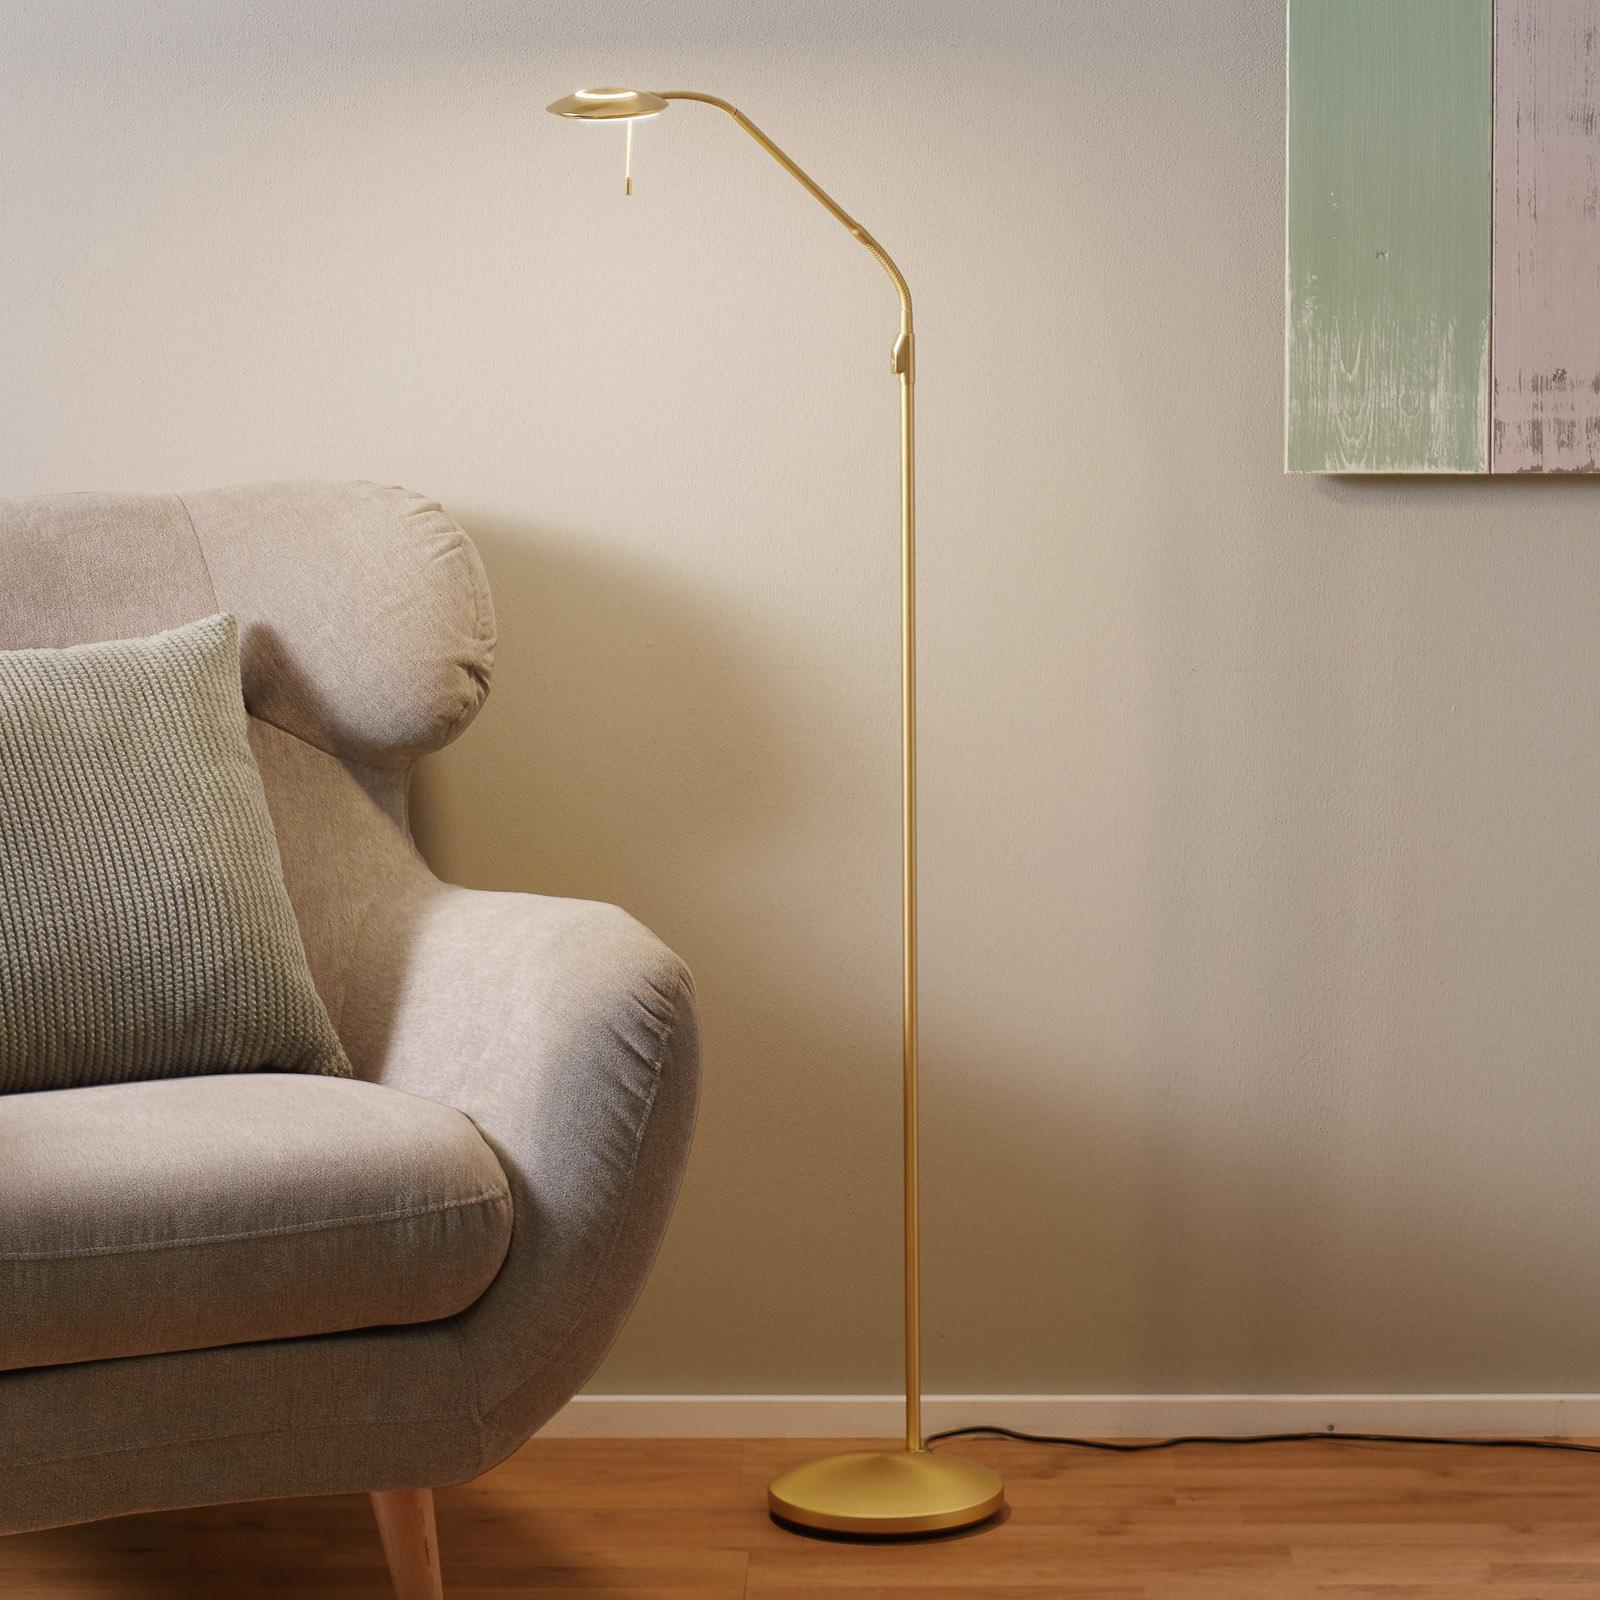 Messingfarbene LED-Stehleuchte Zenit mit Dimmer